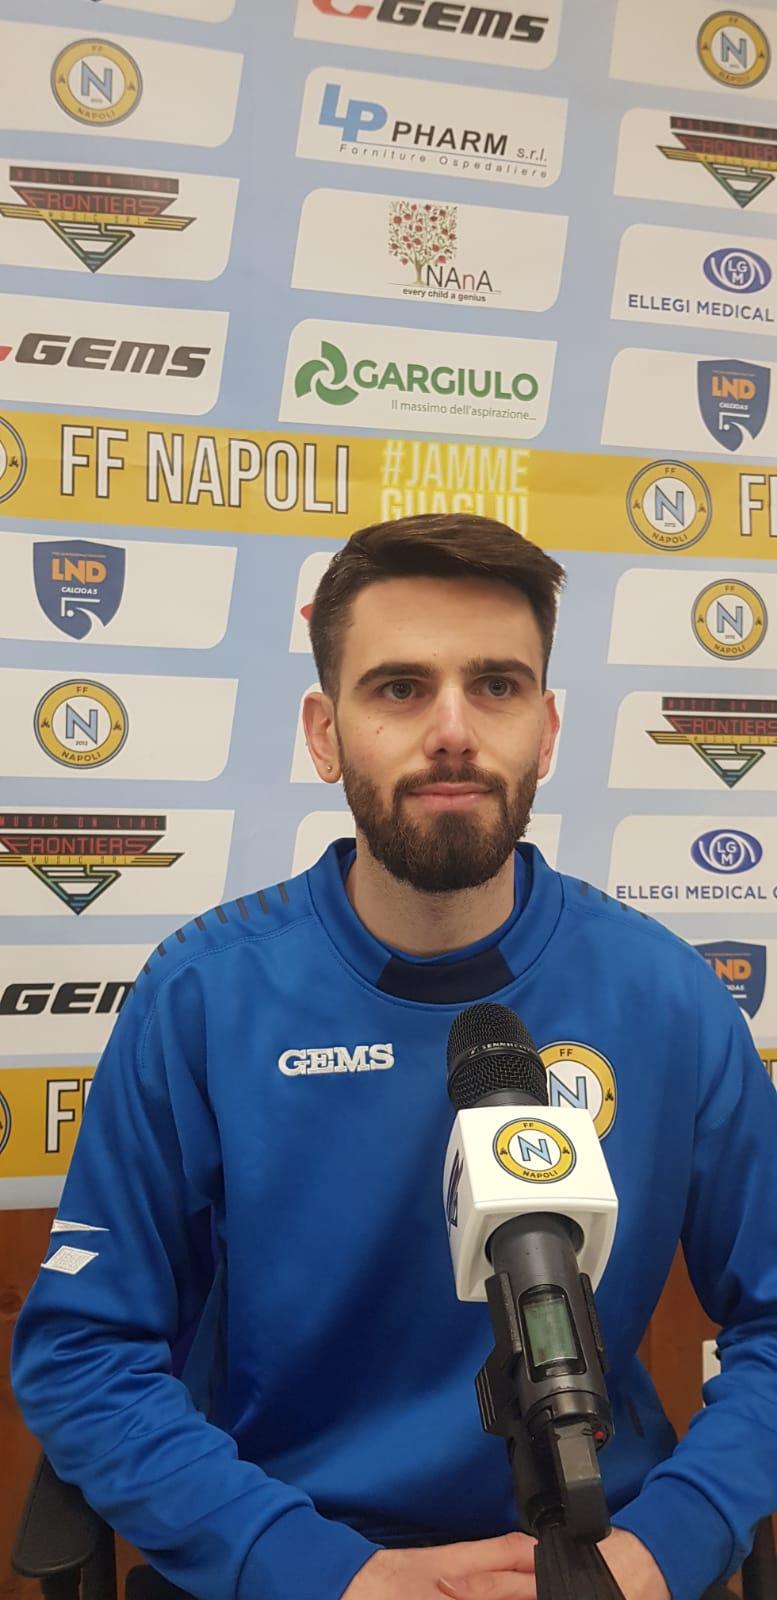 La FF Napoli calcio a 5 accoglie il laterale Milucci